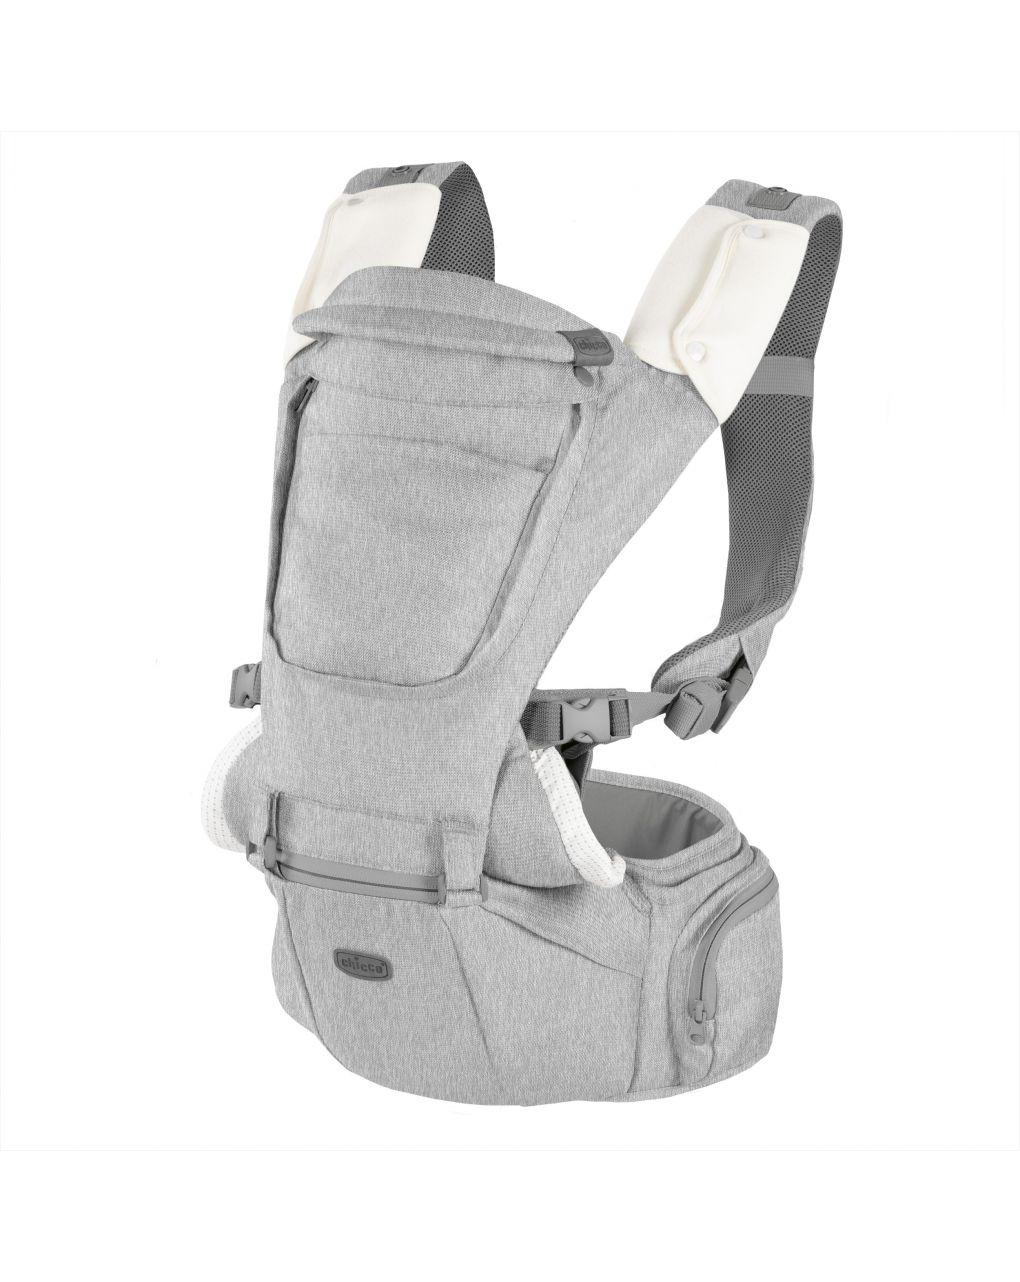 Marsupio hip seat titanium - Chicco